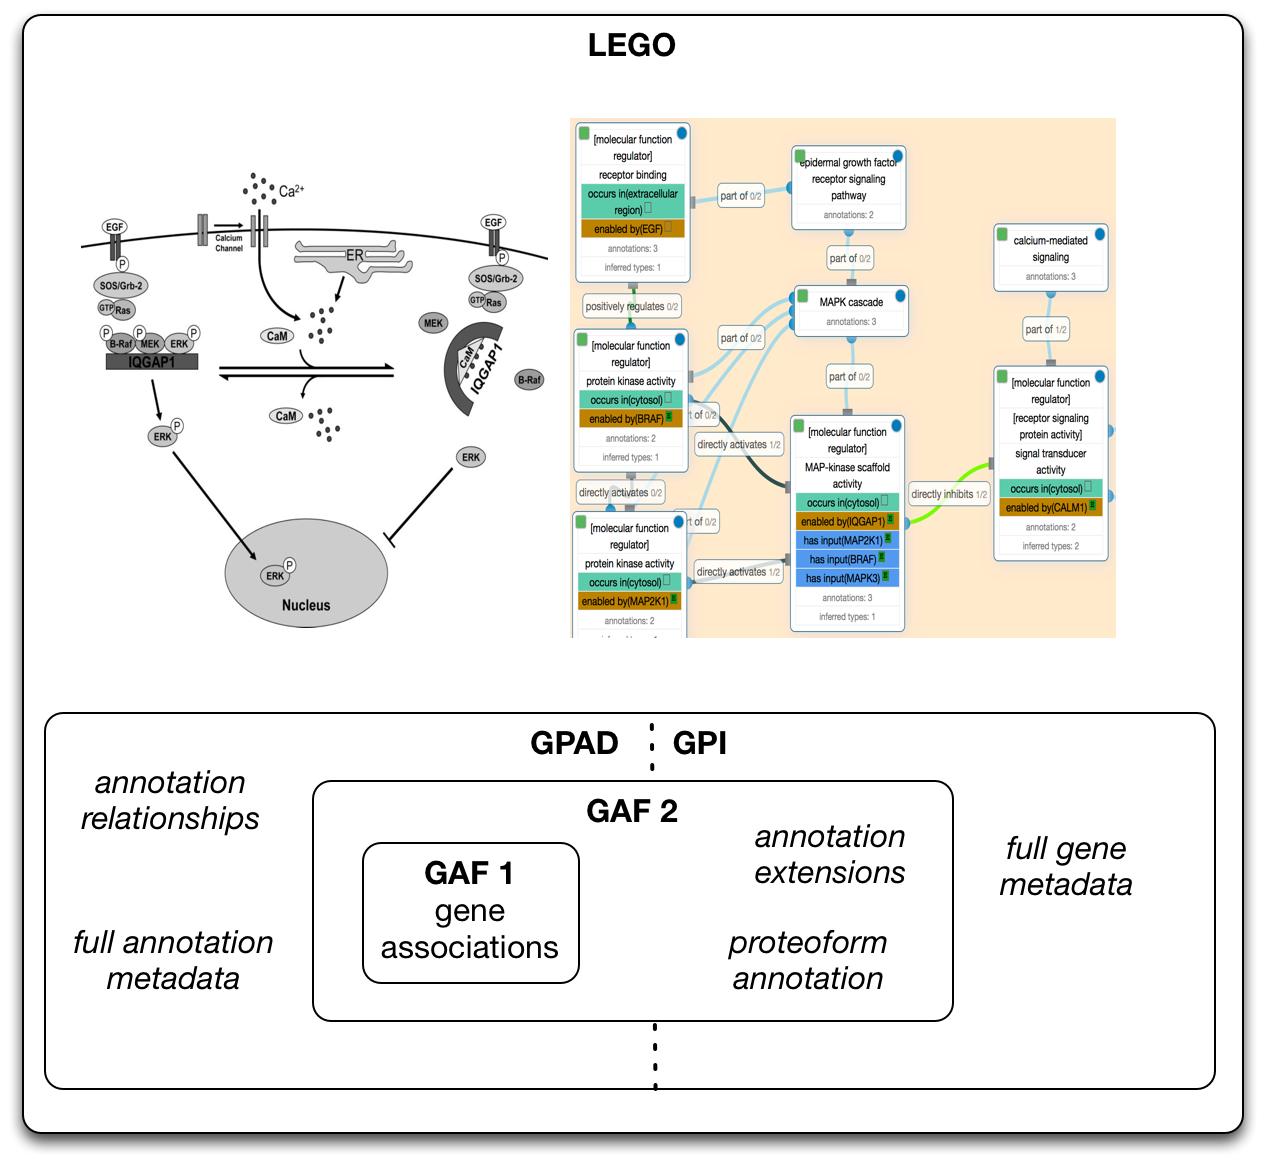 GAF-GPAD-LEGO-figure